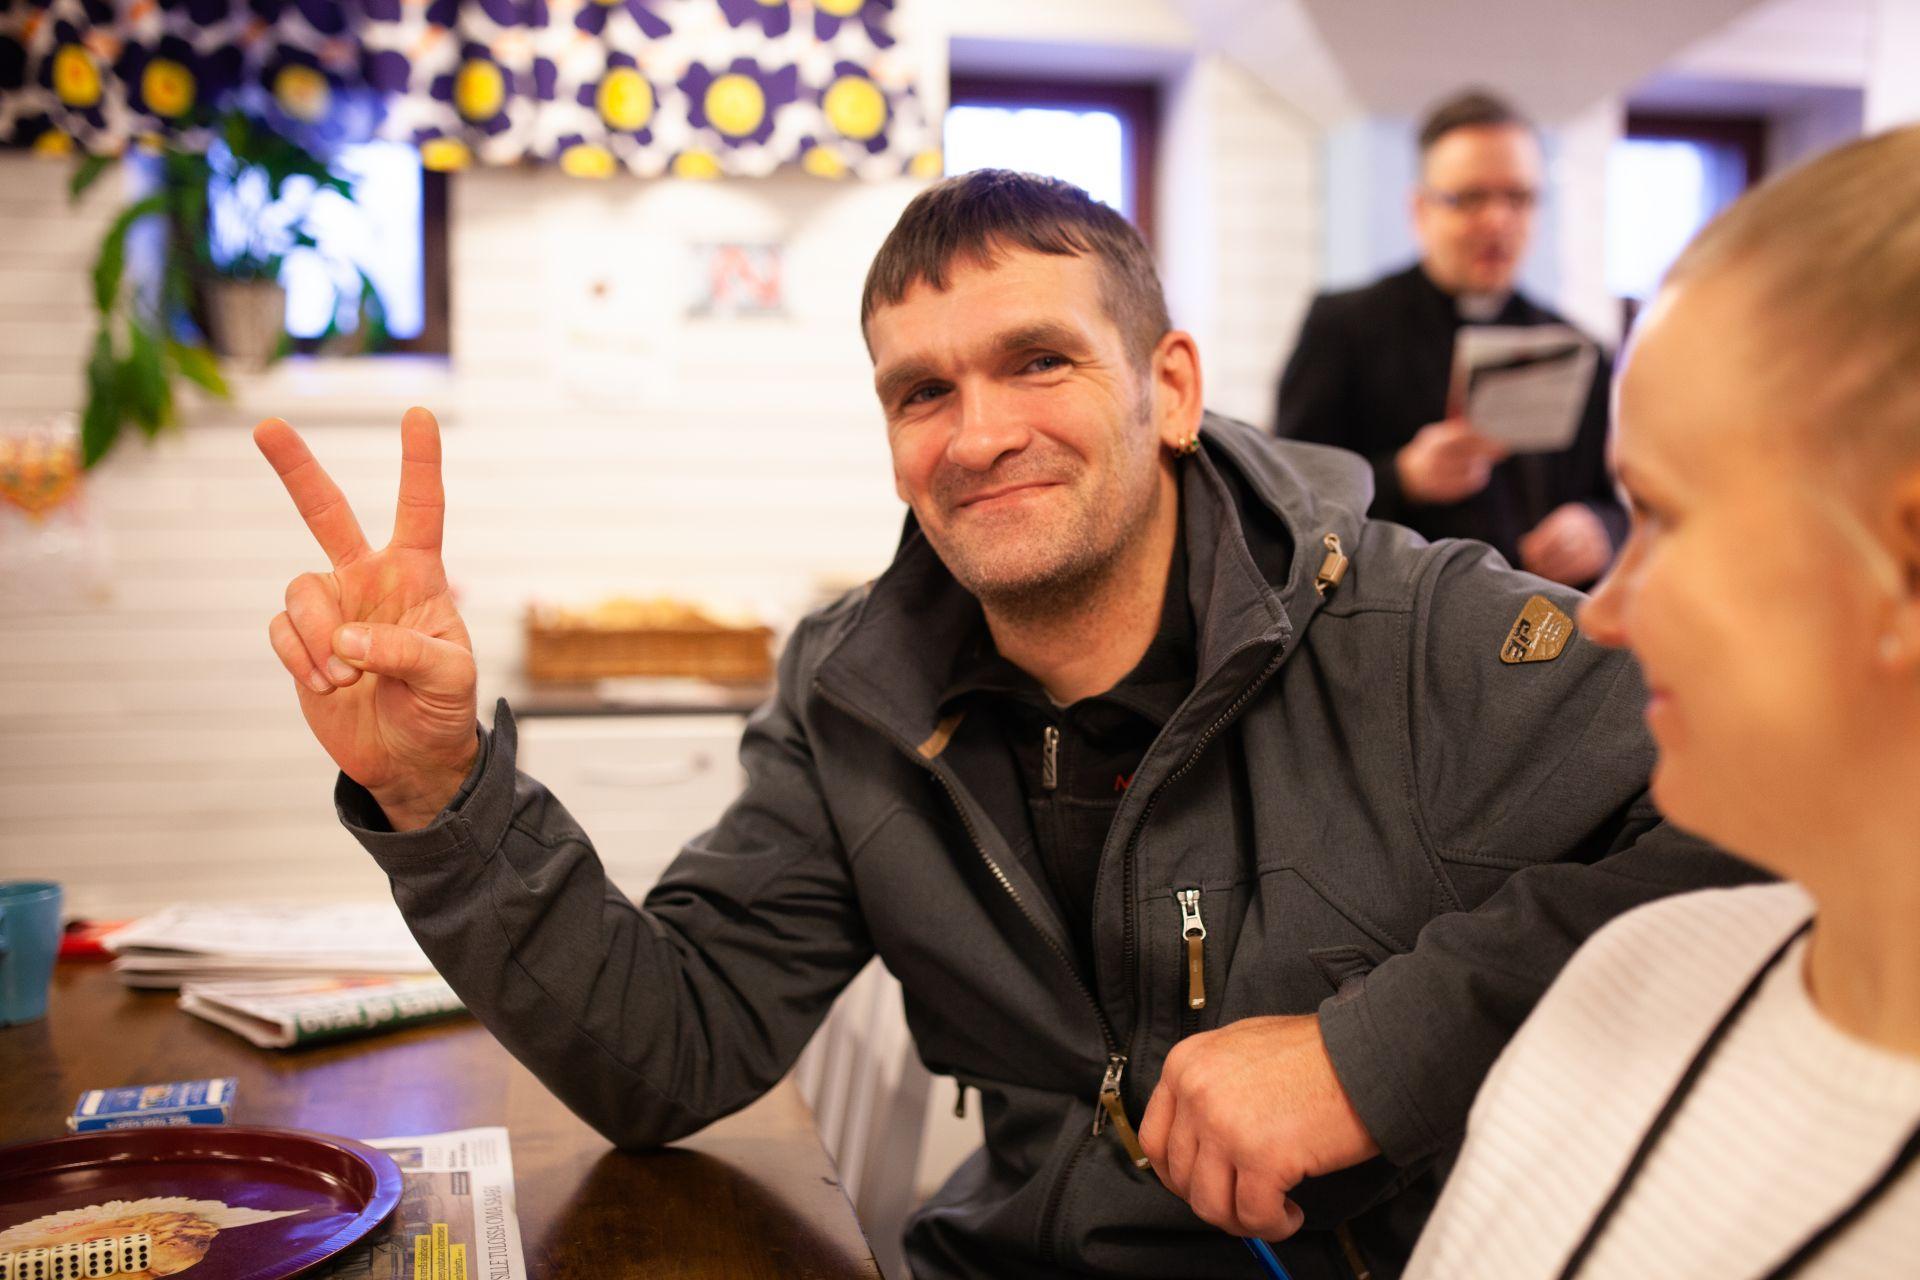 Hymyilevä mies näyttää rauhanmerkkiä